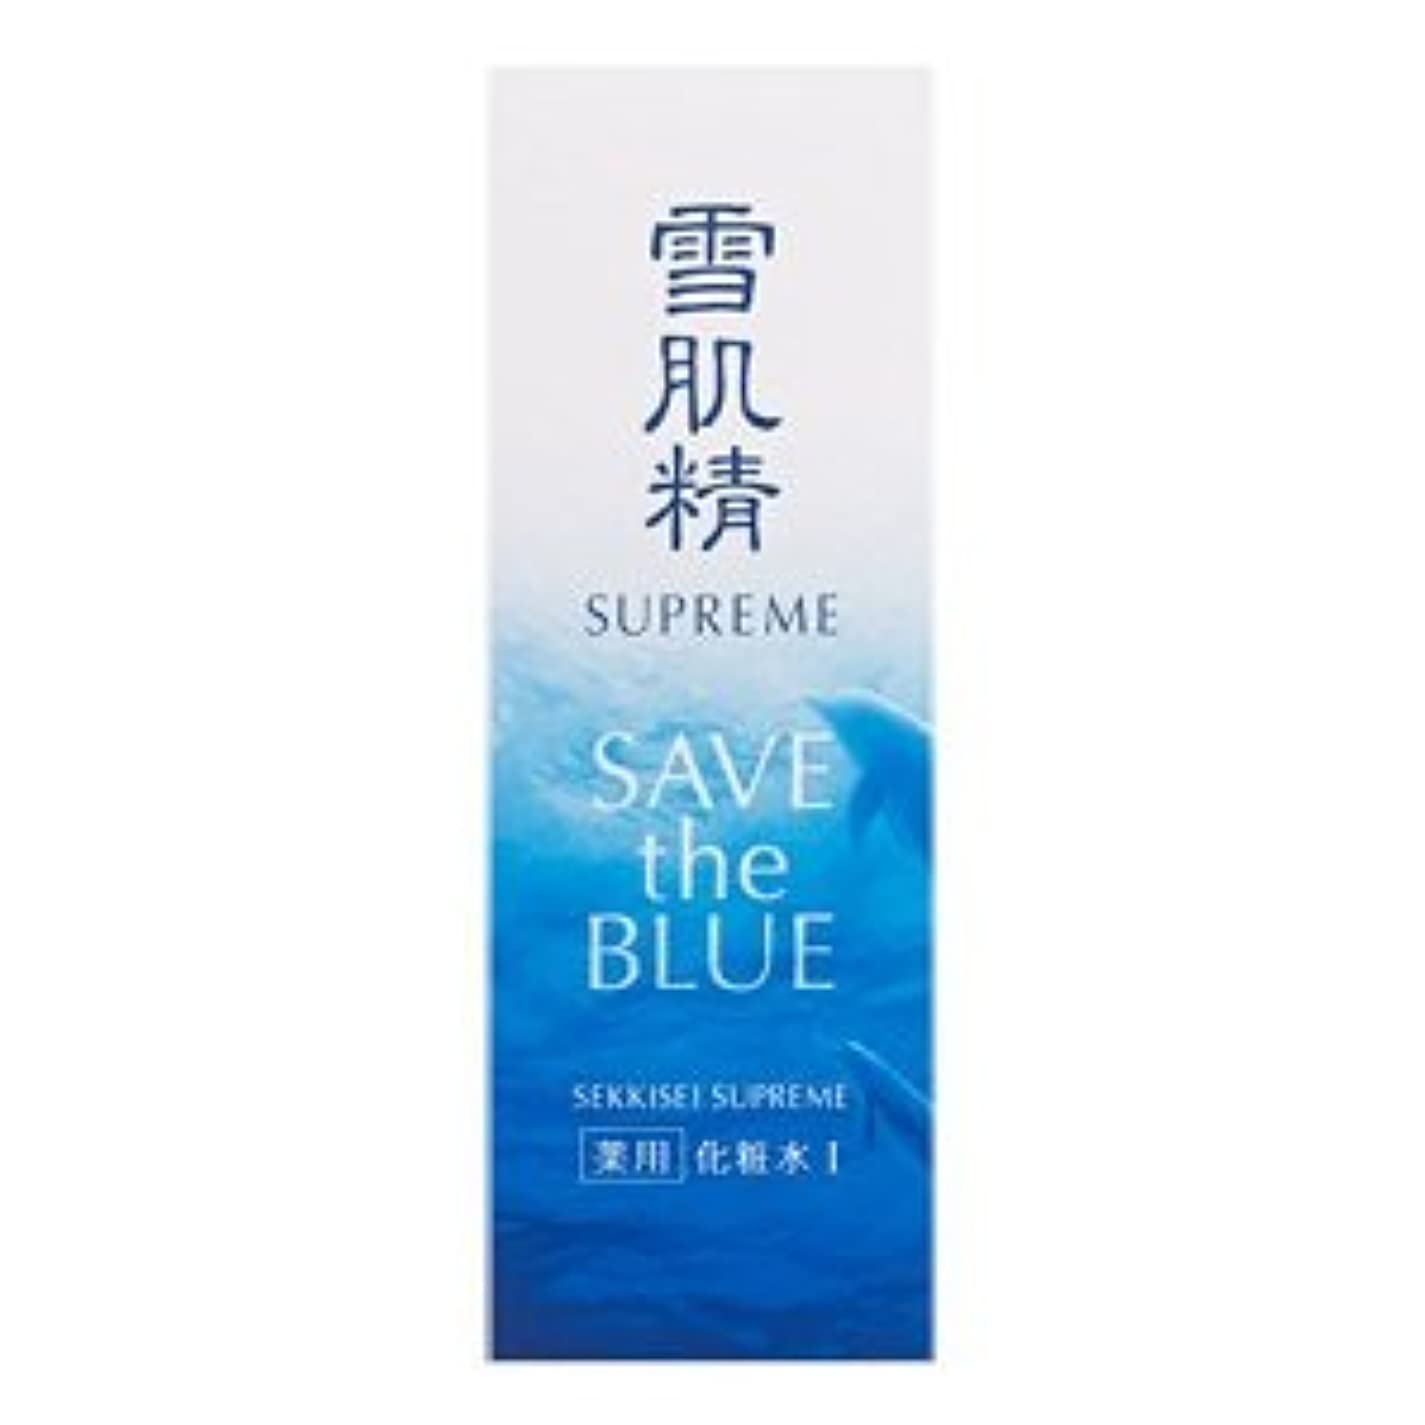 悲しい二ガイドコーセー 雪肌精 シュープレム 化粧水 Ⅰ みずみずしいうるおい 400ml アウトレット